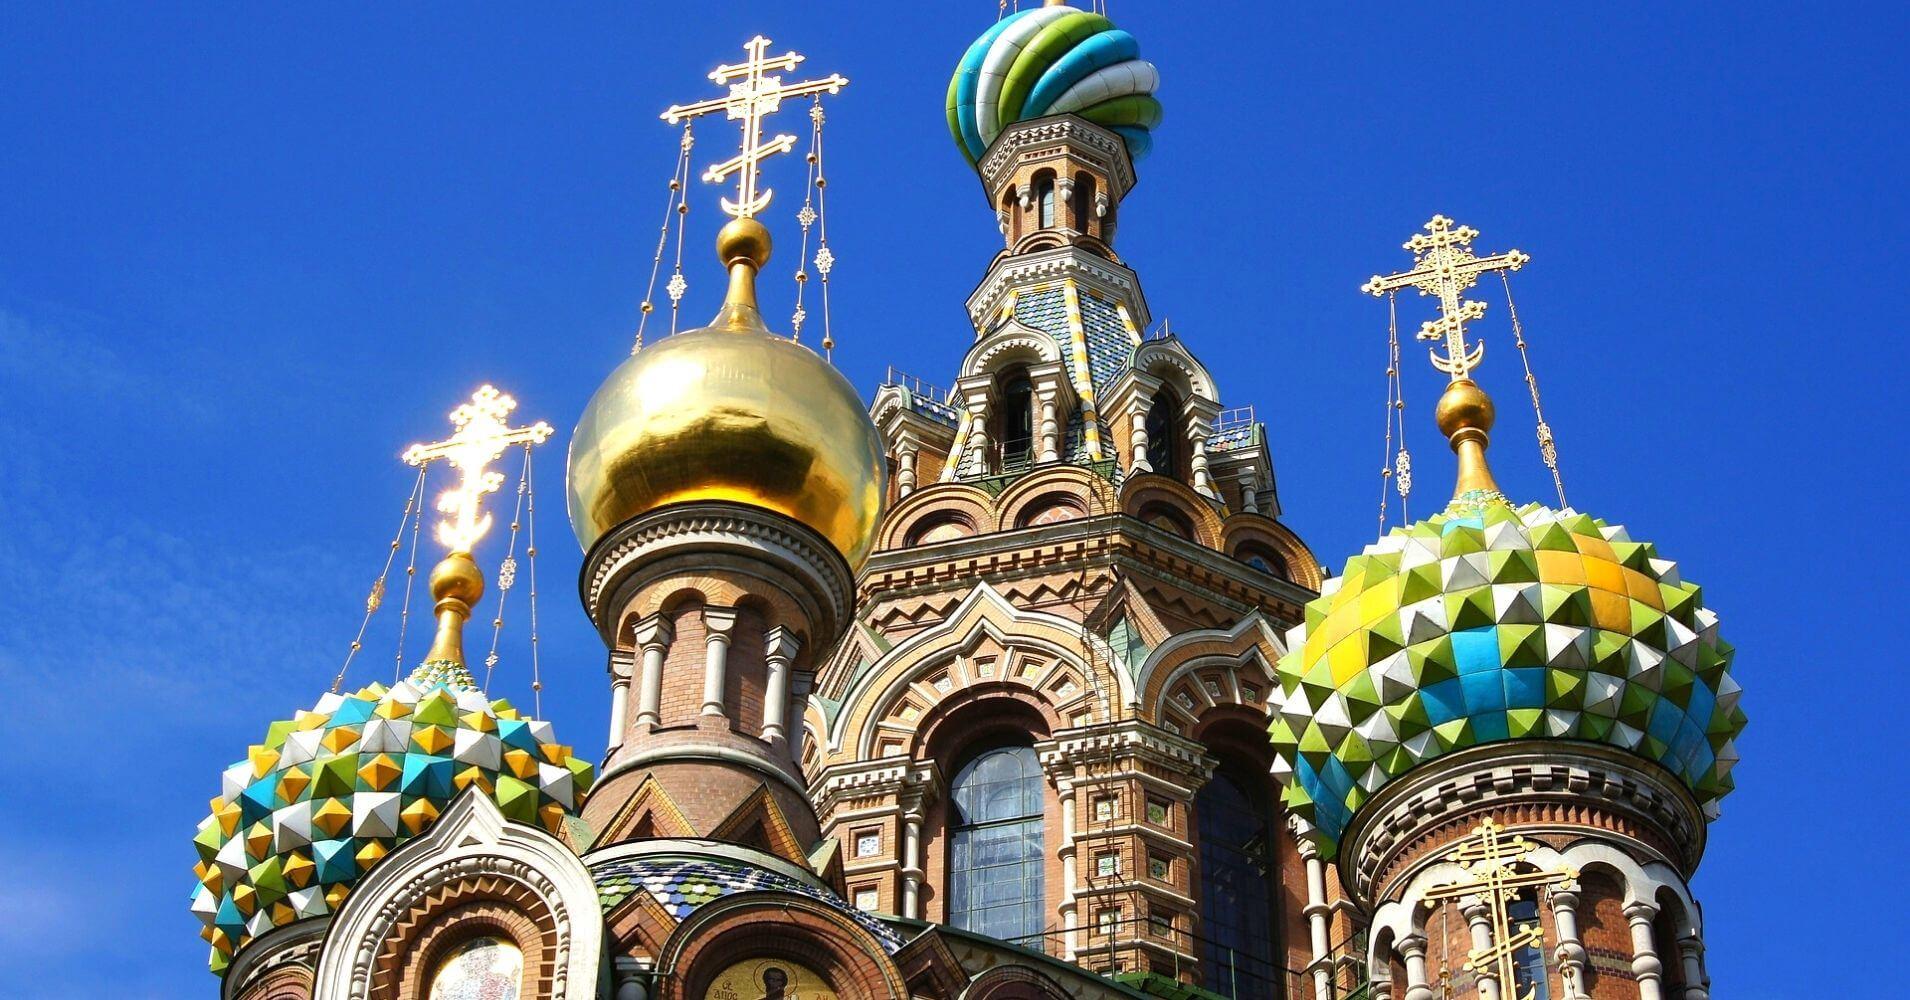 Catedral de San Petersburgo. Iglesia del Salvador sobre la sangre derramada.